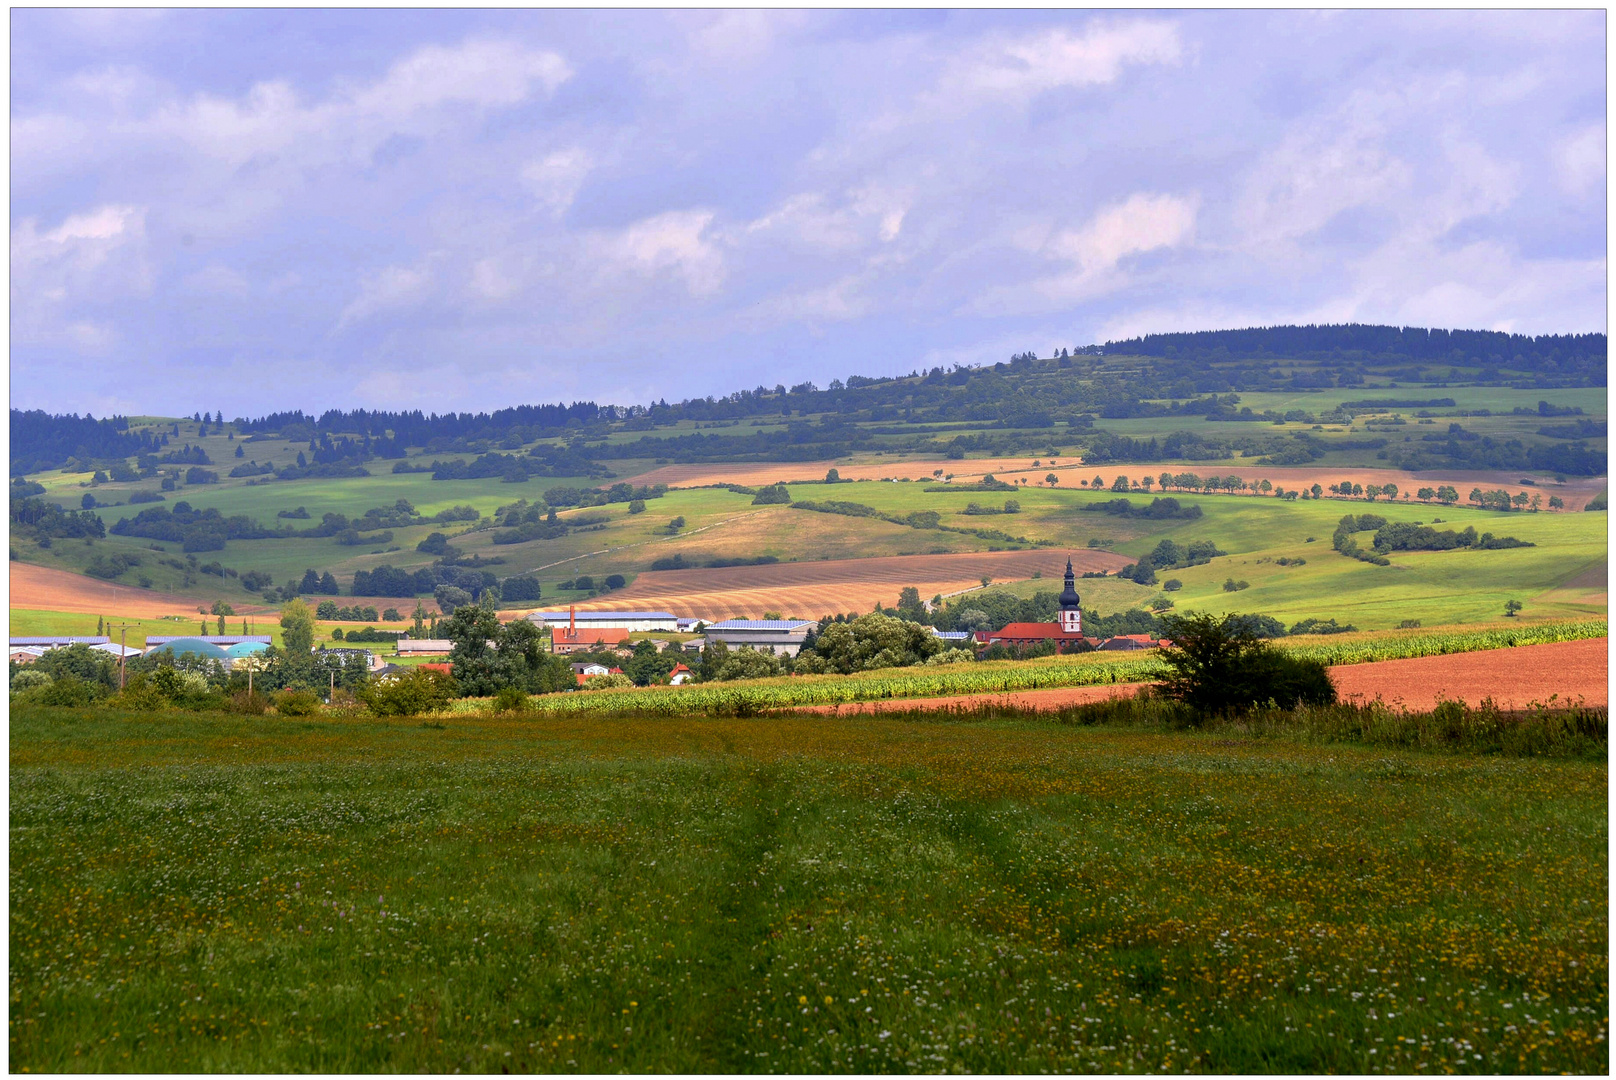 panorama a mi pueblo (Blick auf mein Dorf)